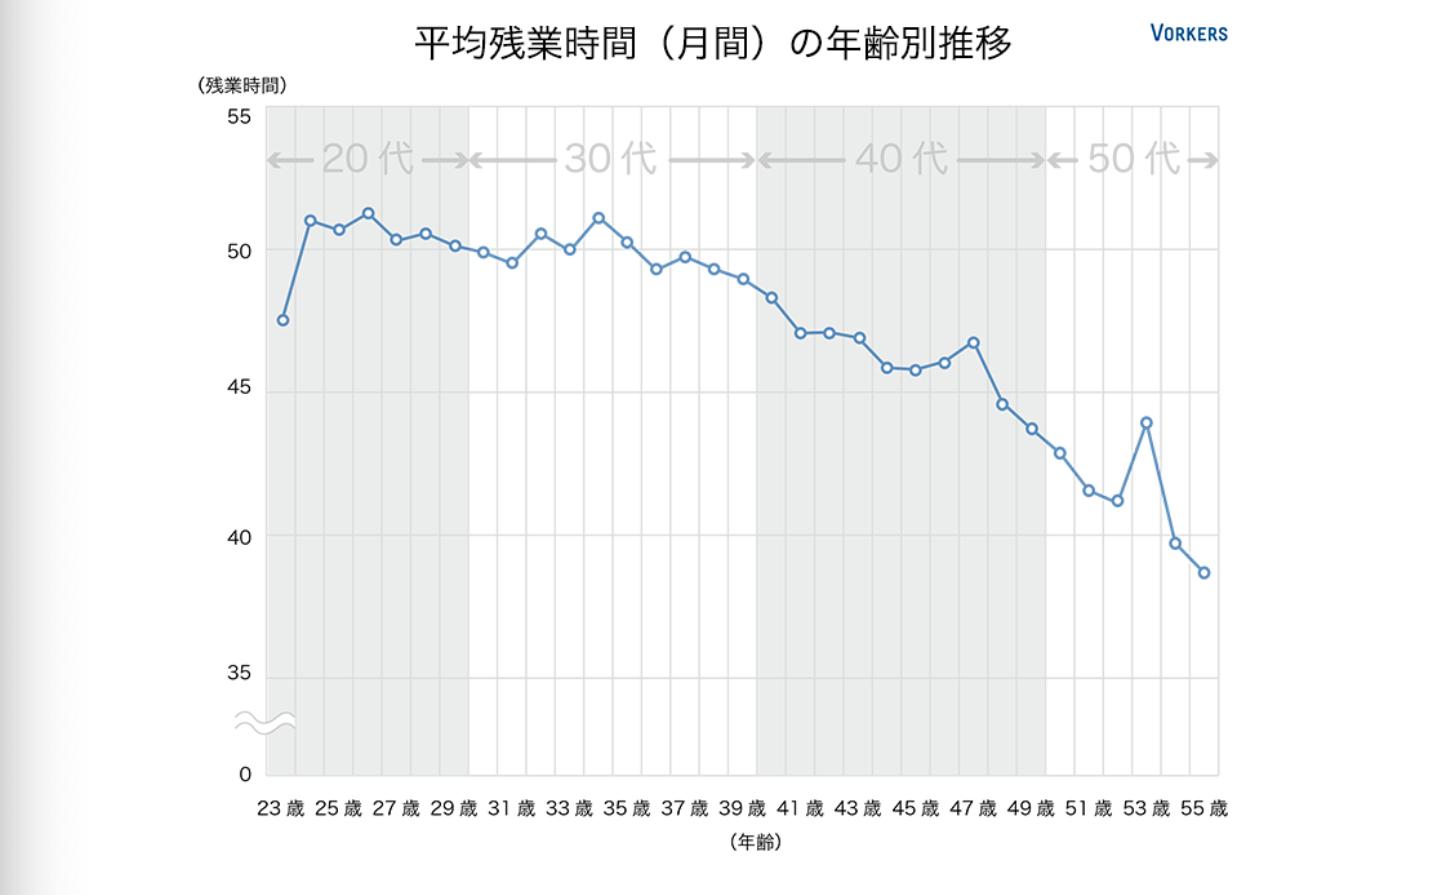 月間平均残業時間の年齢別推移グラフ